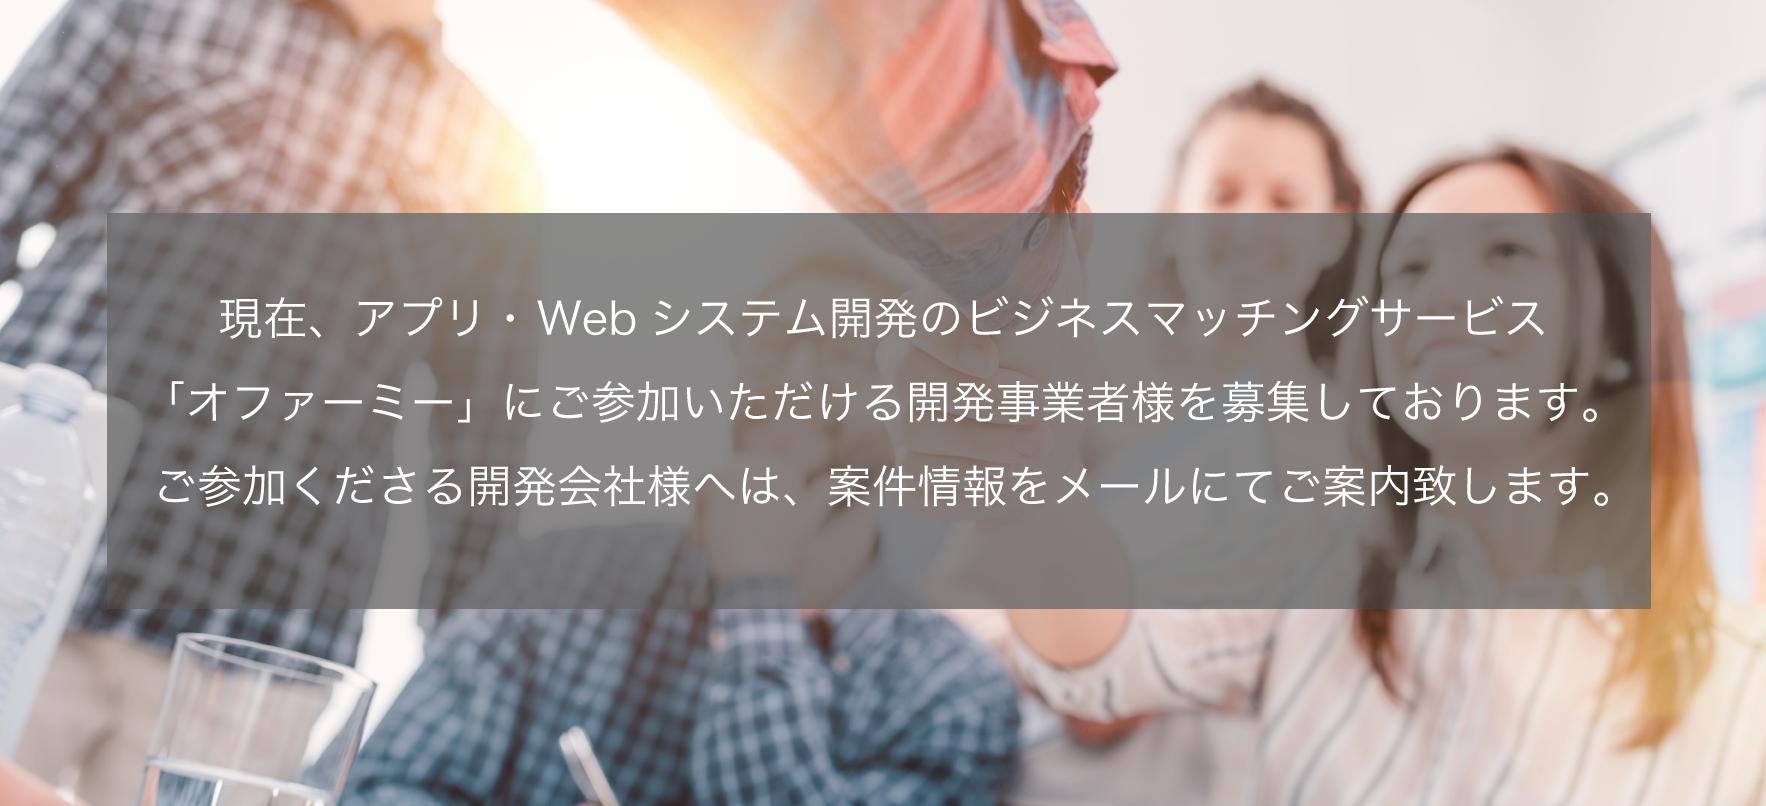 現在、アプリ・Webシステム開発のビジネスマッチングサービス「オファーミー」にご参加いただける開発事業者様を募集しております(登録無料)。ご参加くださる開発会社様へは、案件情報をメールでご案内致します。